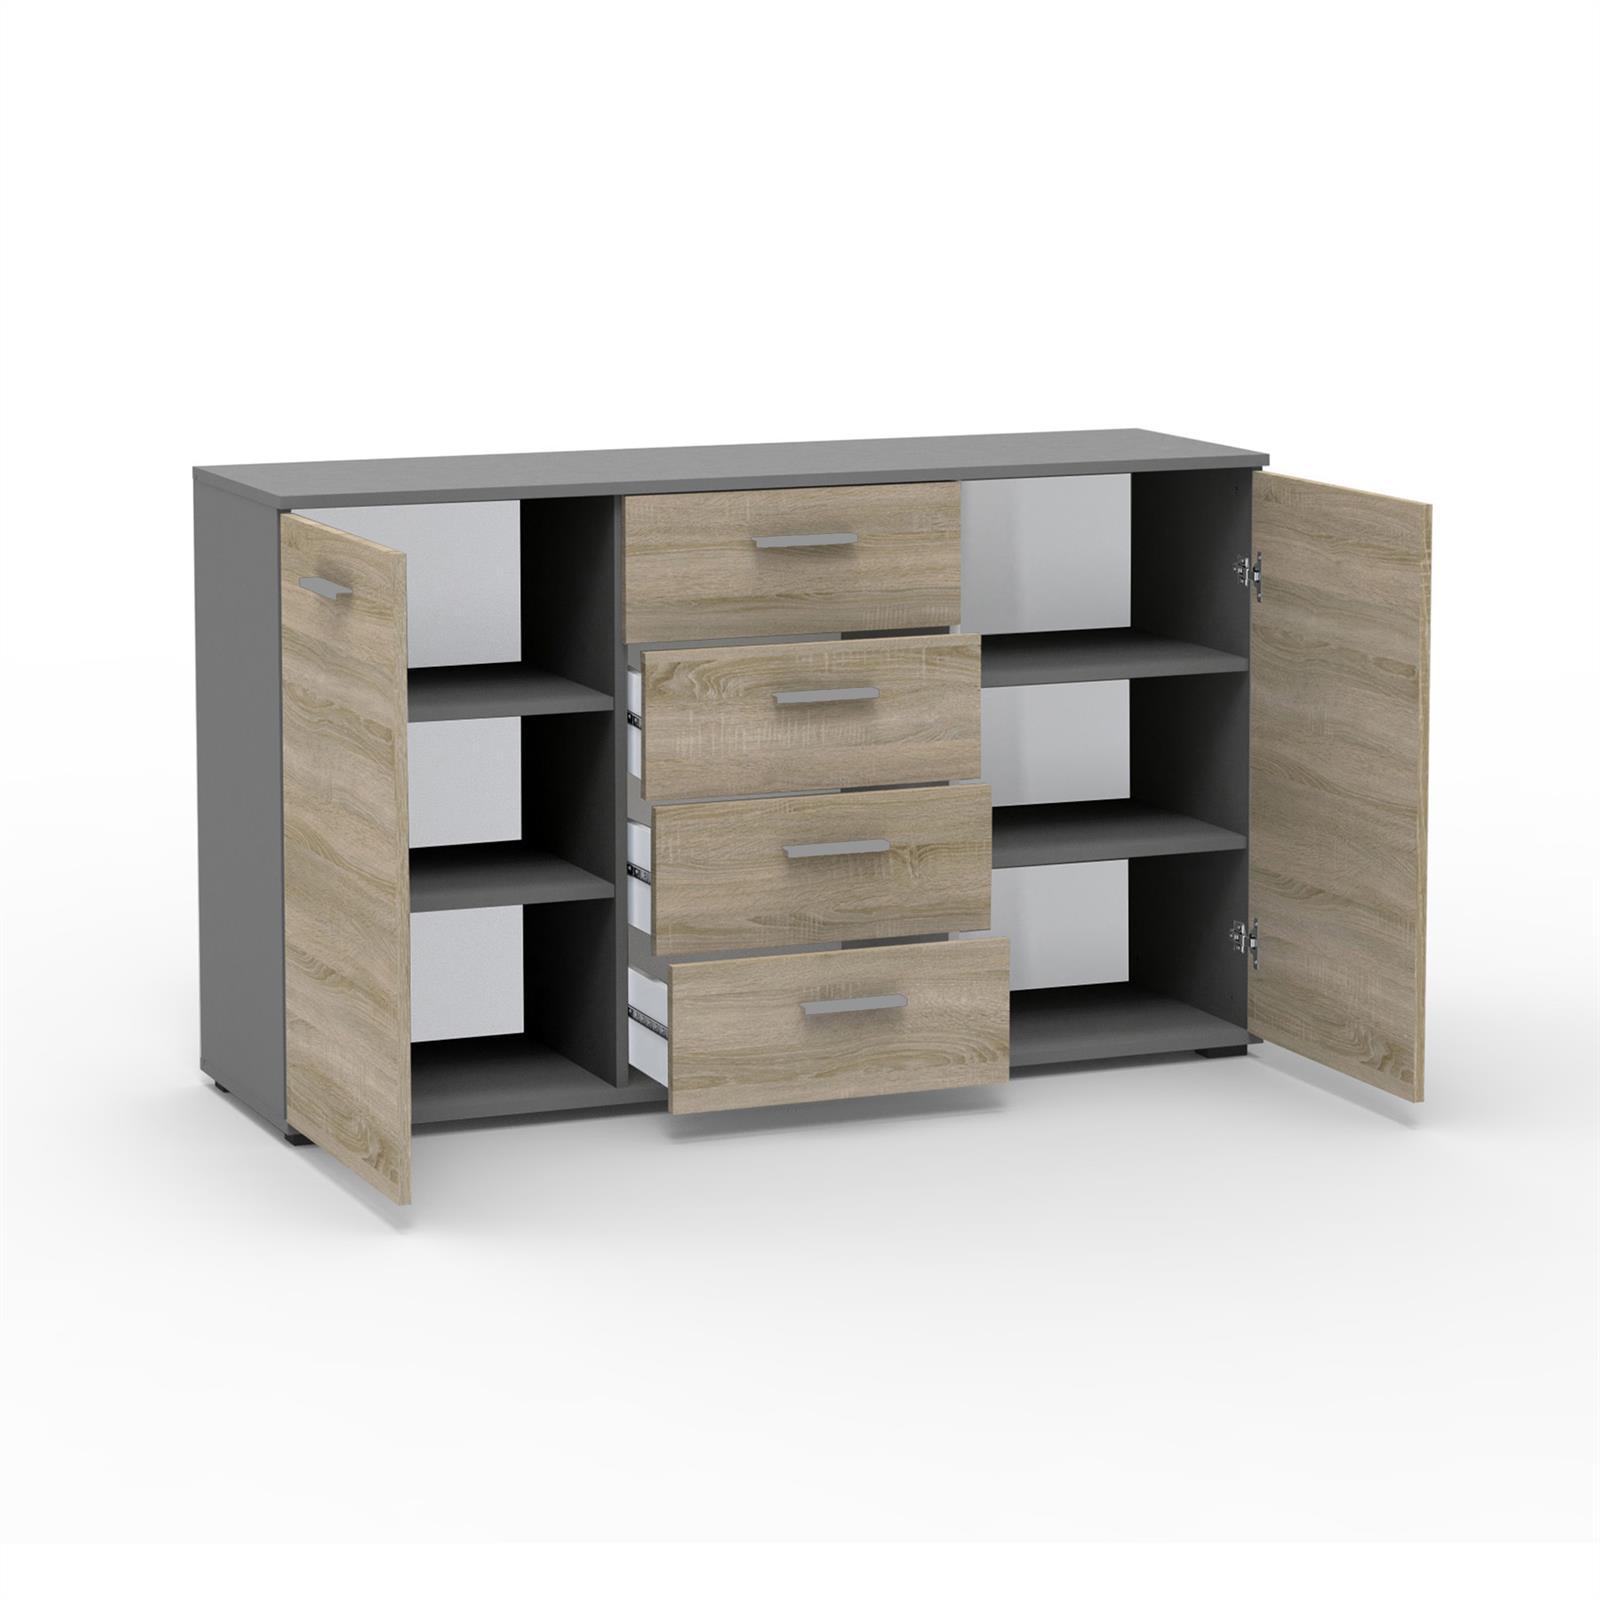 kommode chicago in grau sonoma eiche 4 schubladen caro m bel. Black Bedroom Furniture Sets. Home Design Ideas